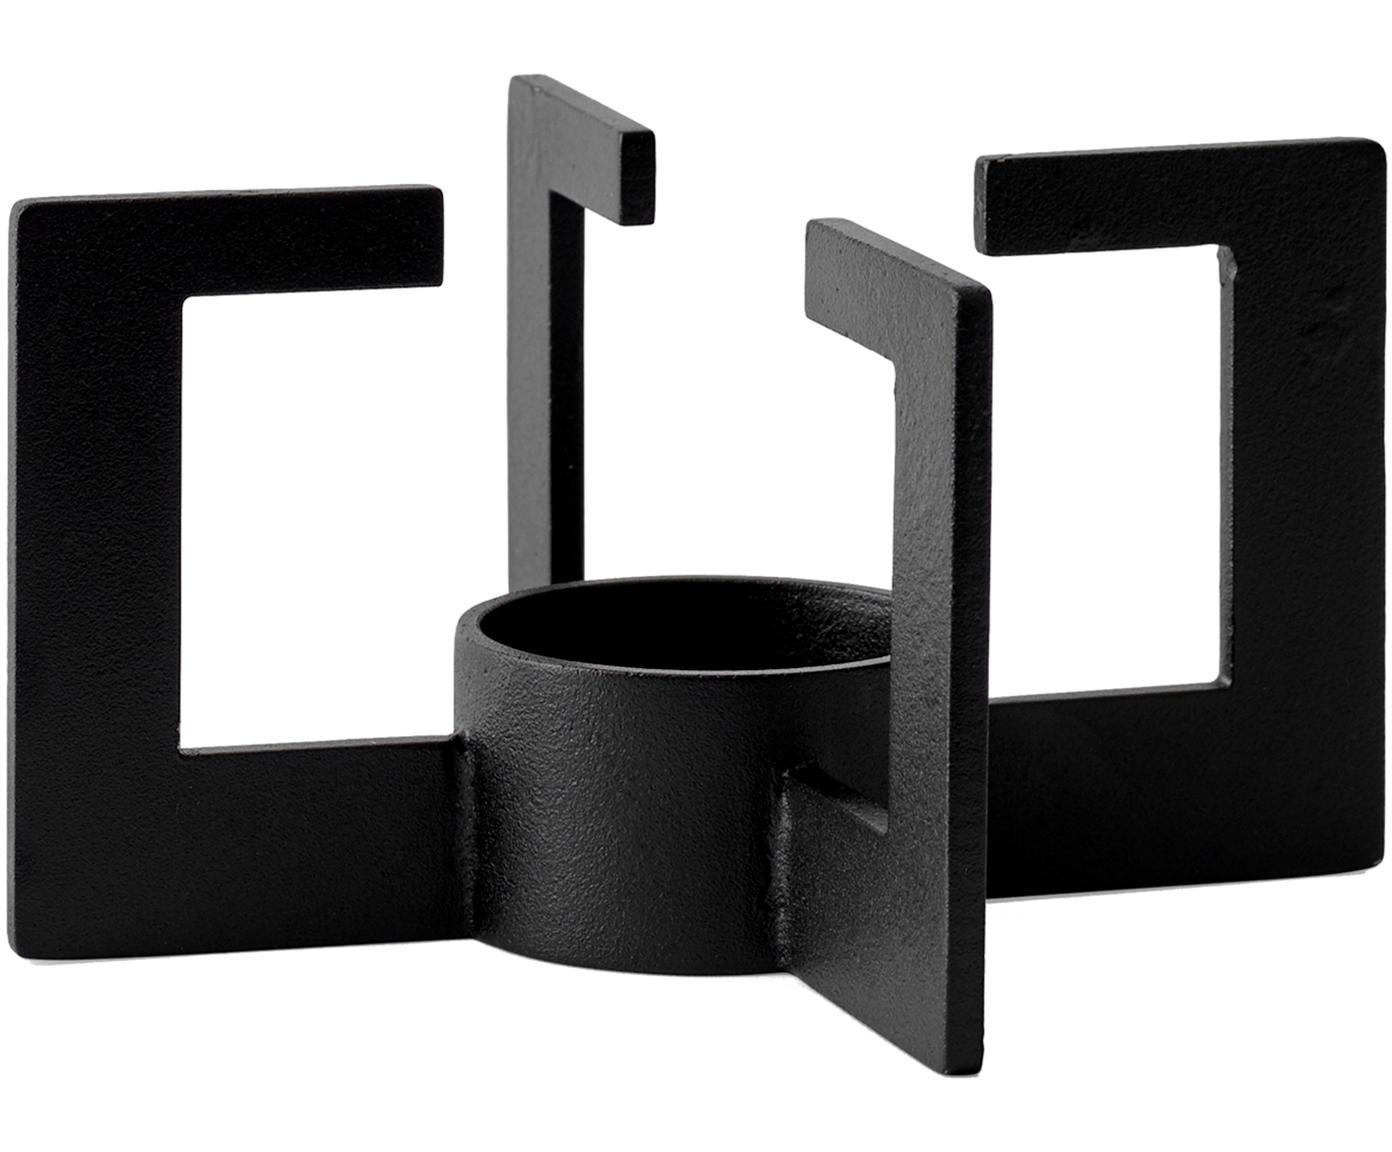 Riscaldatore Warm-Up, Metallo verniciato a polvere, gomma, Nero, Ø 8 x Alt. 15 cm